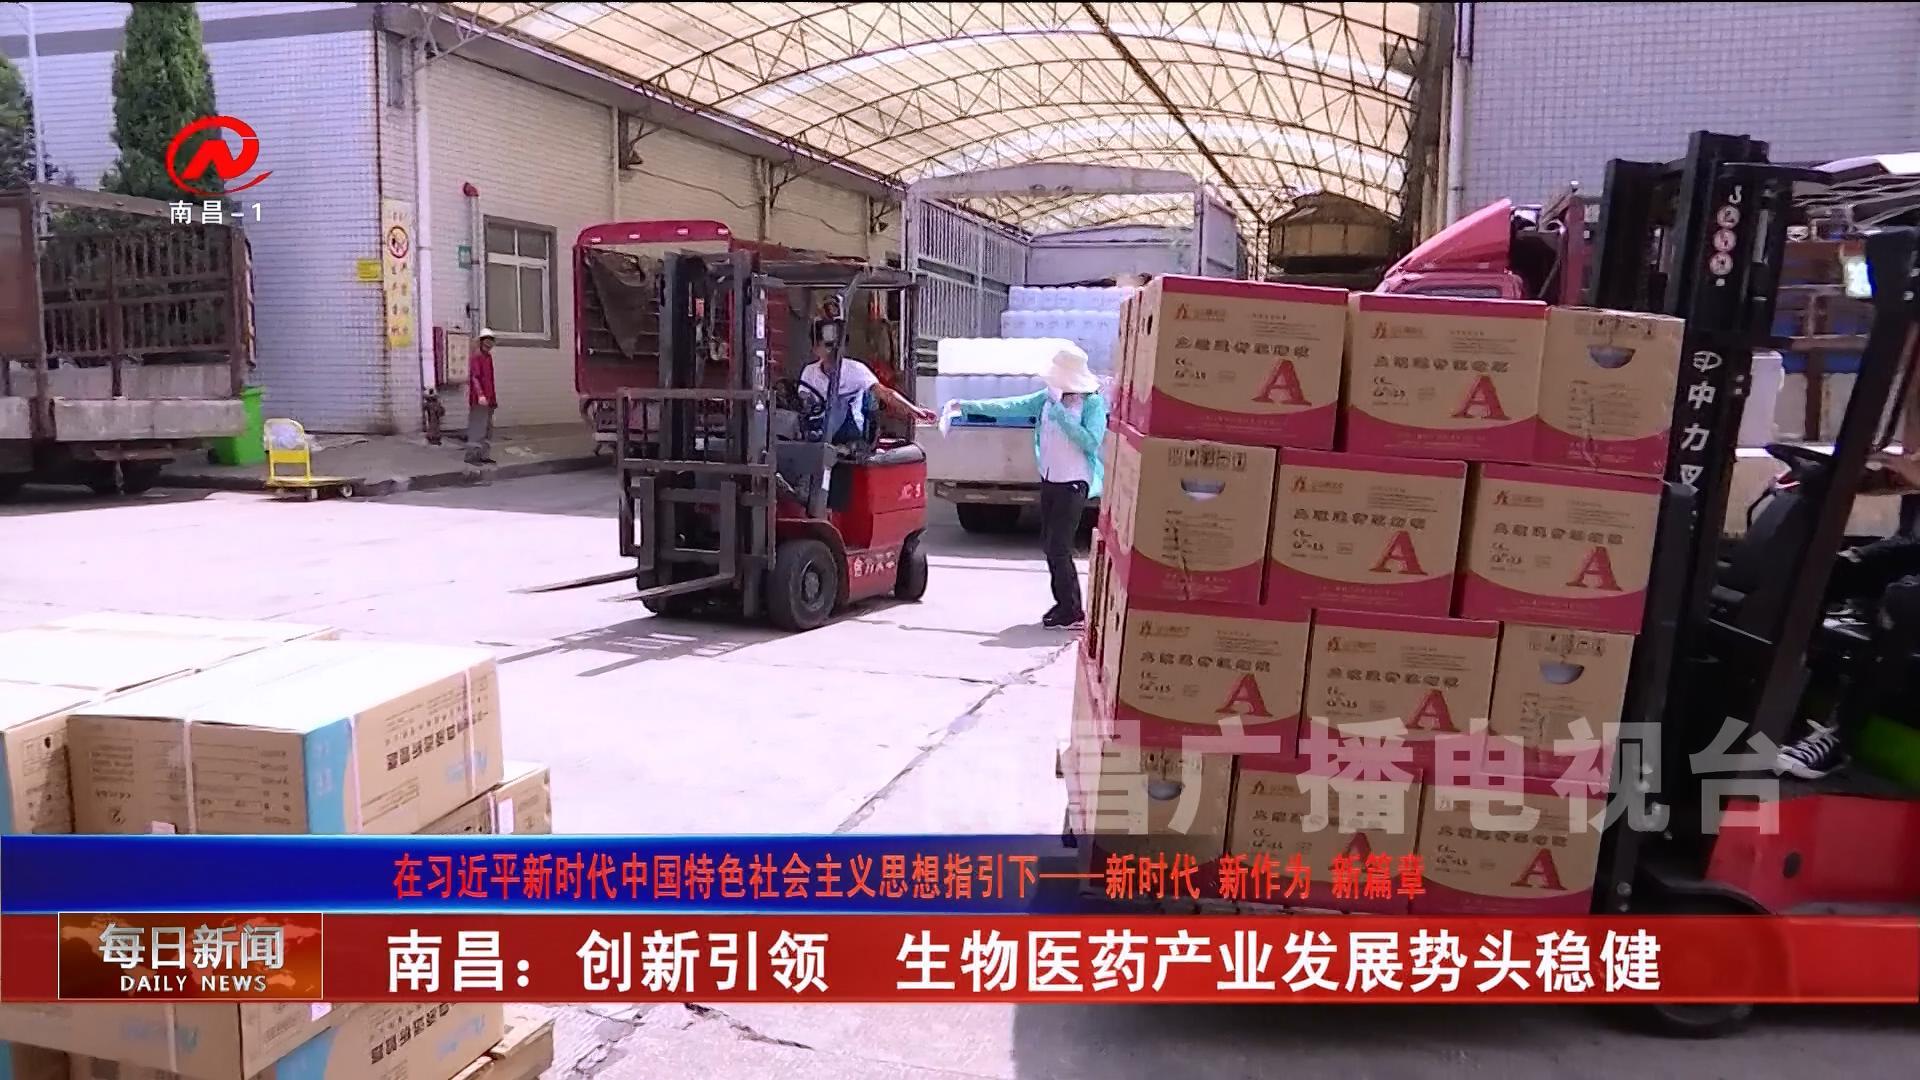 南昌:創新引領  生物醫藥產業發展勢頭穩健